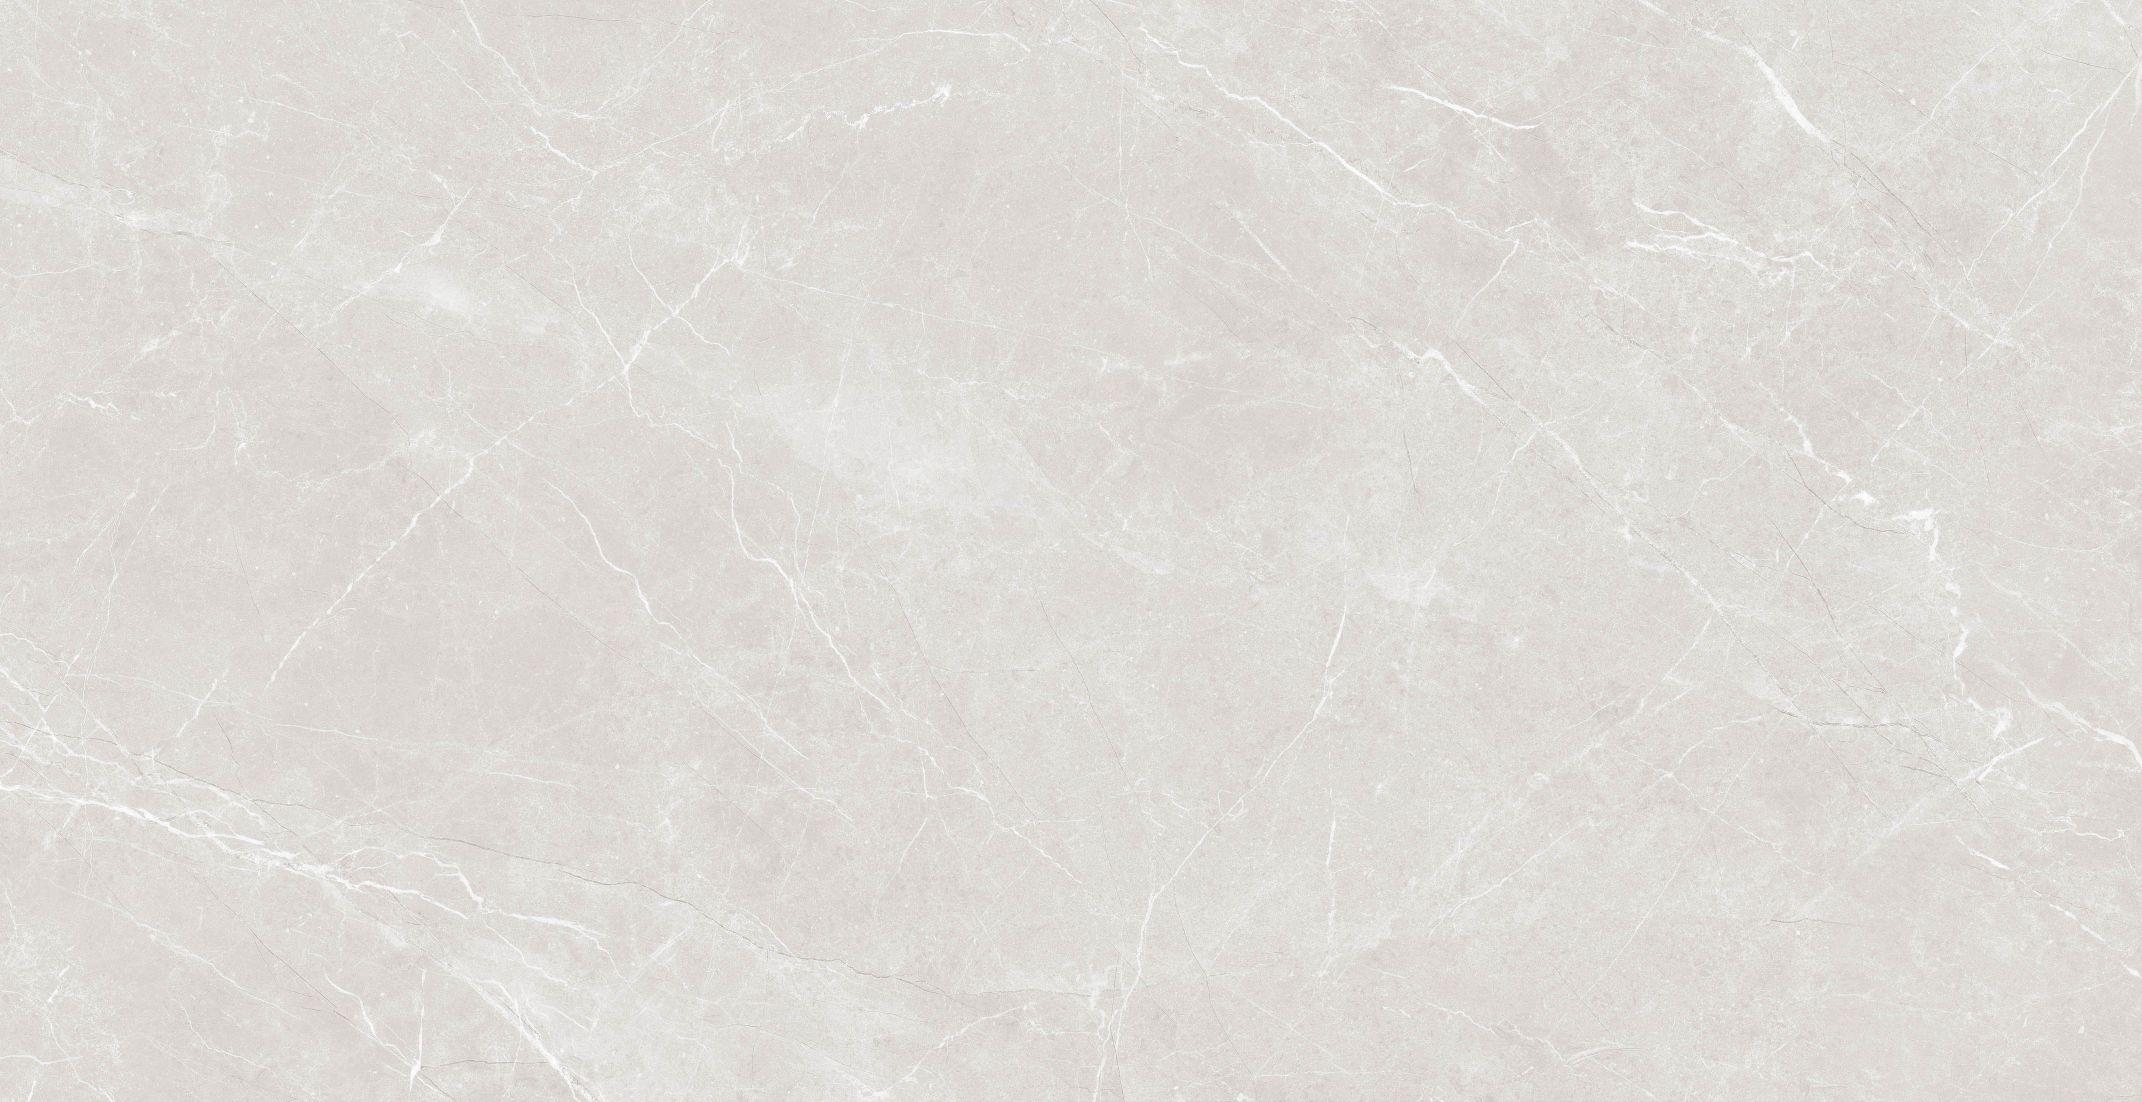 H1TP12606莎士比亚-浅灰